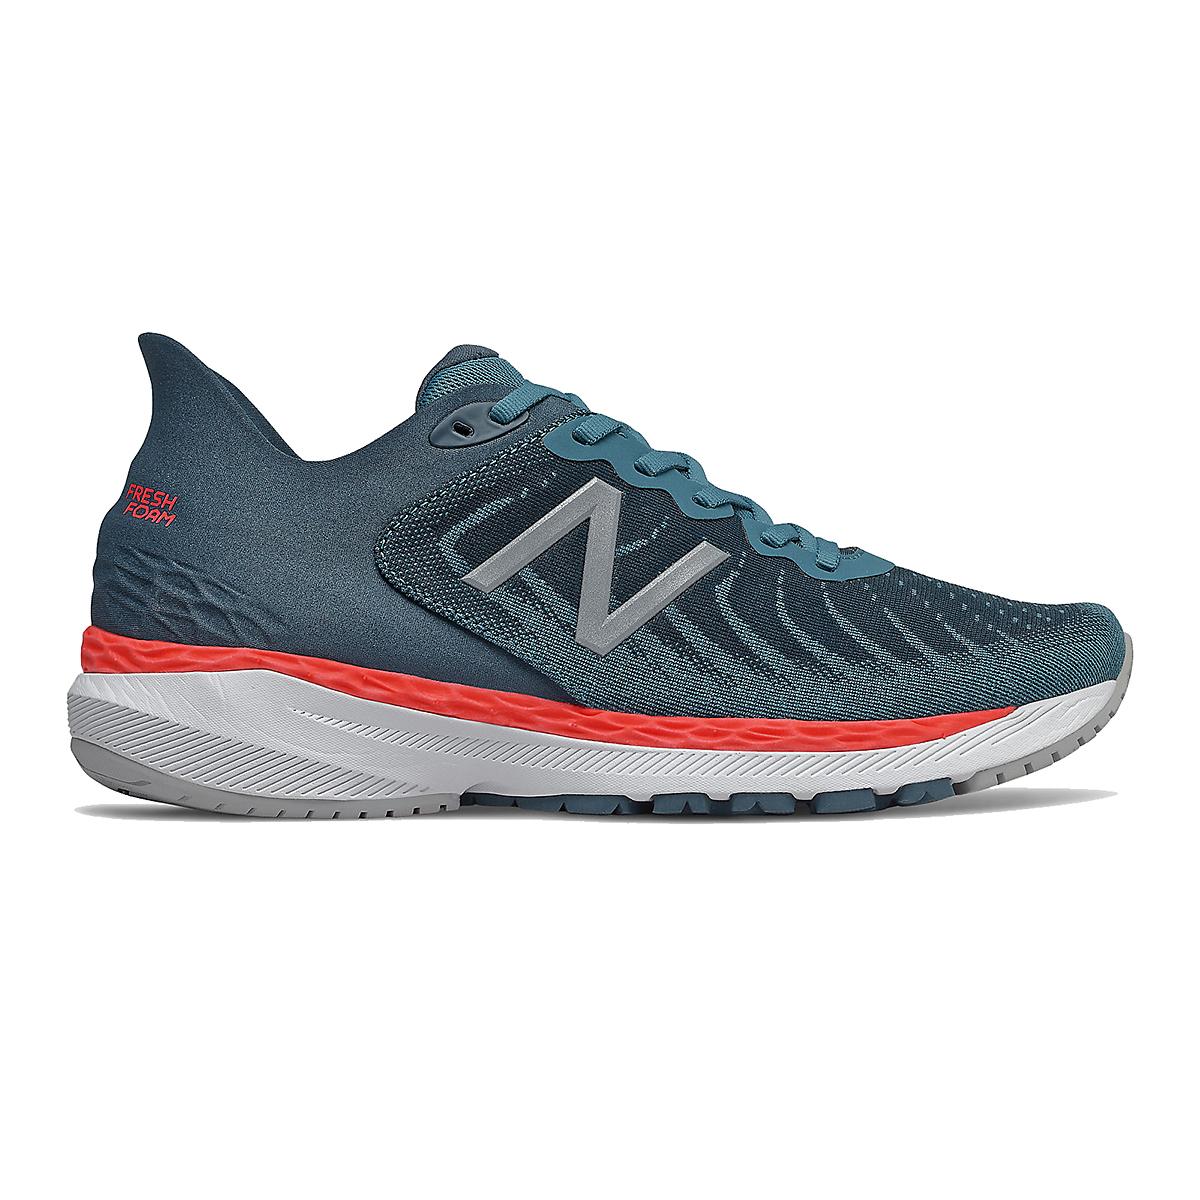 Men's New Balance 860v11 Running Shoe  - Color: Jet Stream - Size: 6 - Width: Wide, Jet Stream, large, image 1